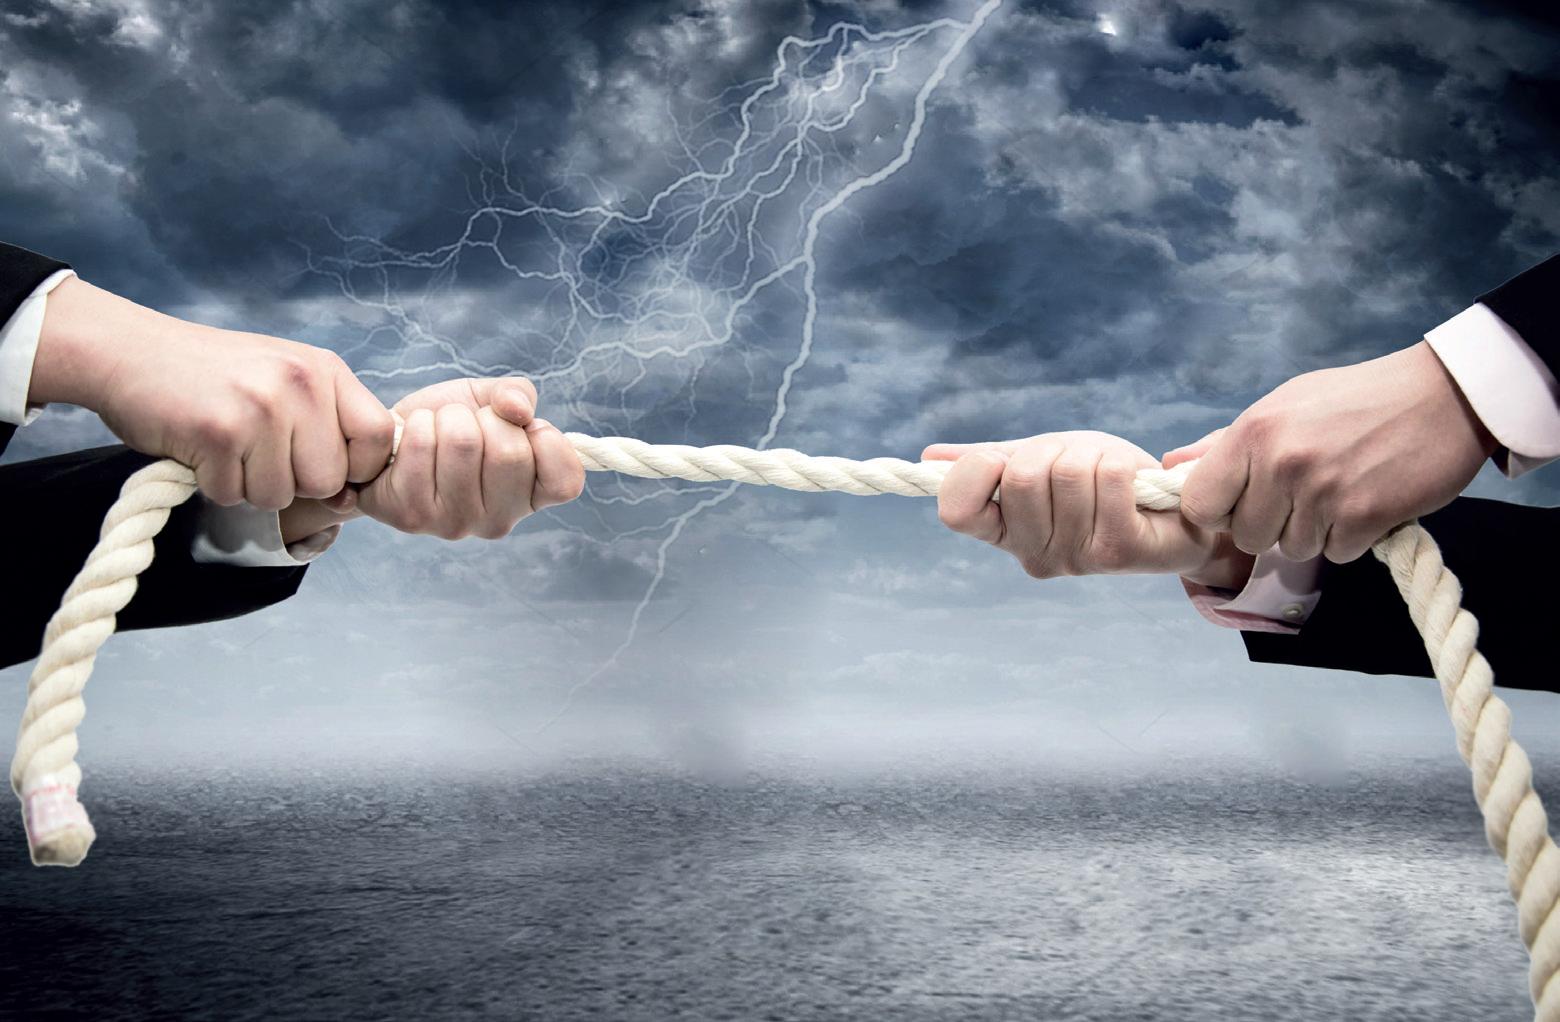 公平竞争是保证中国家电产业健康发展的基石